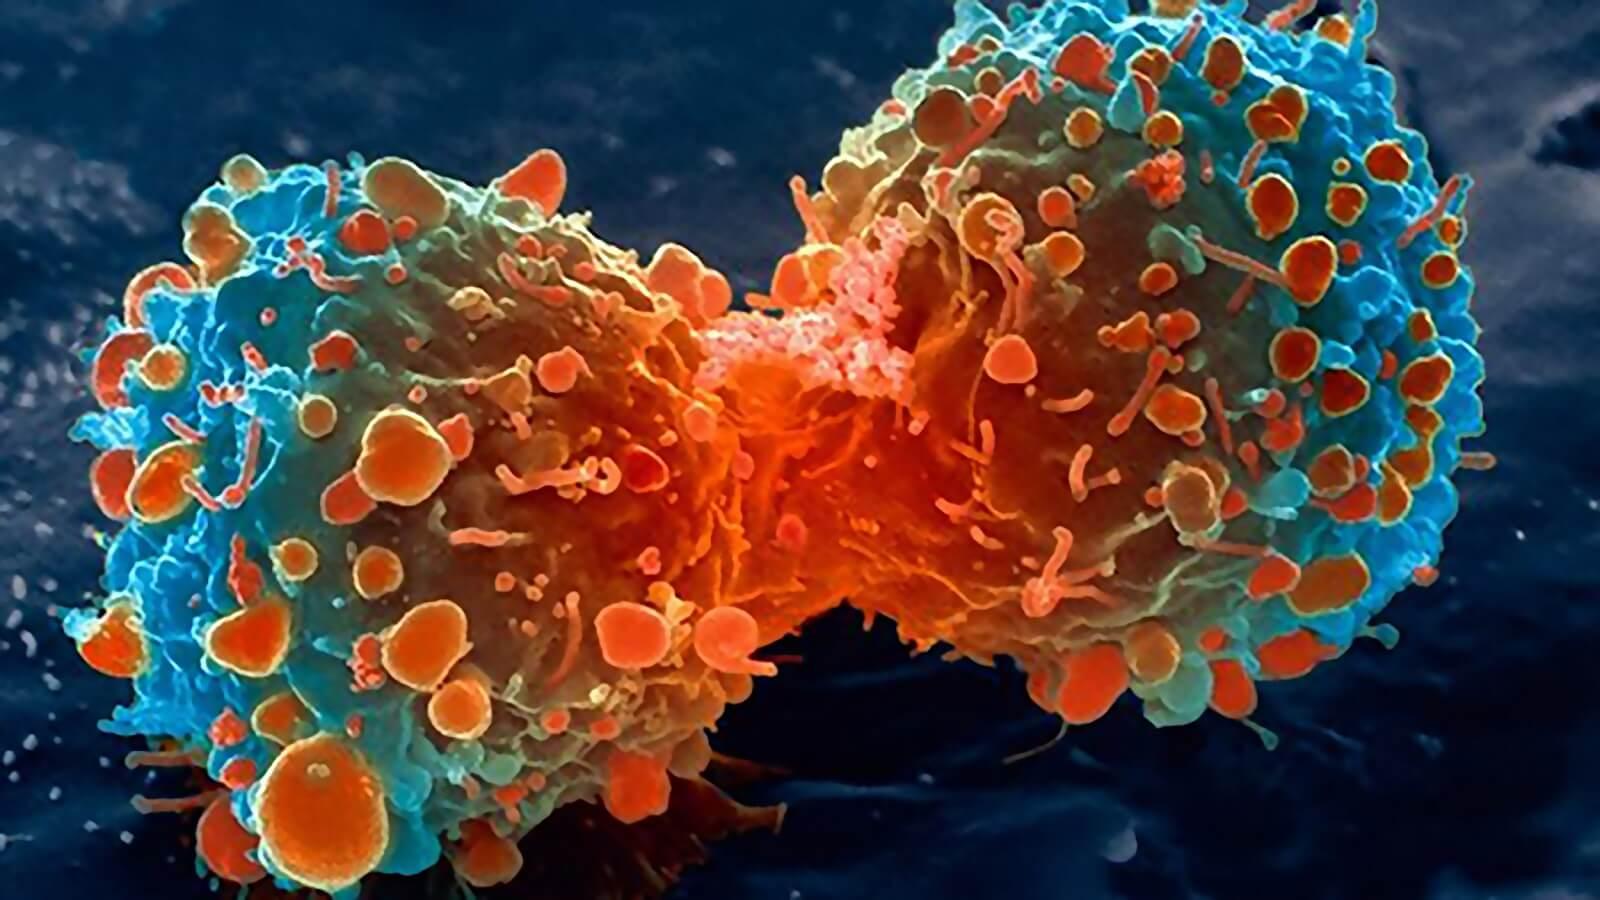 Ung thư là gì